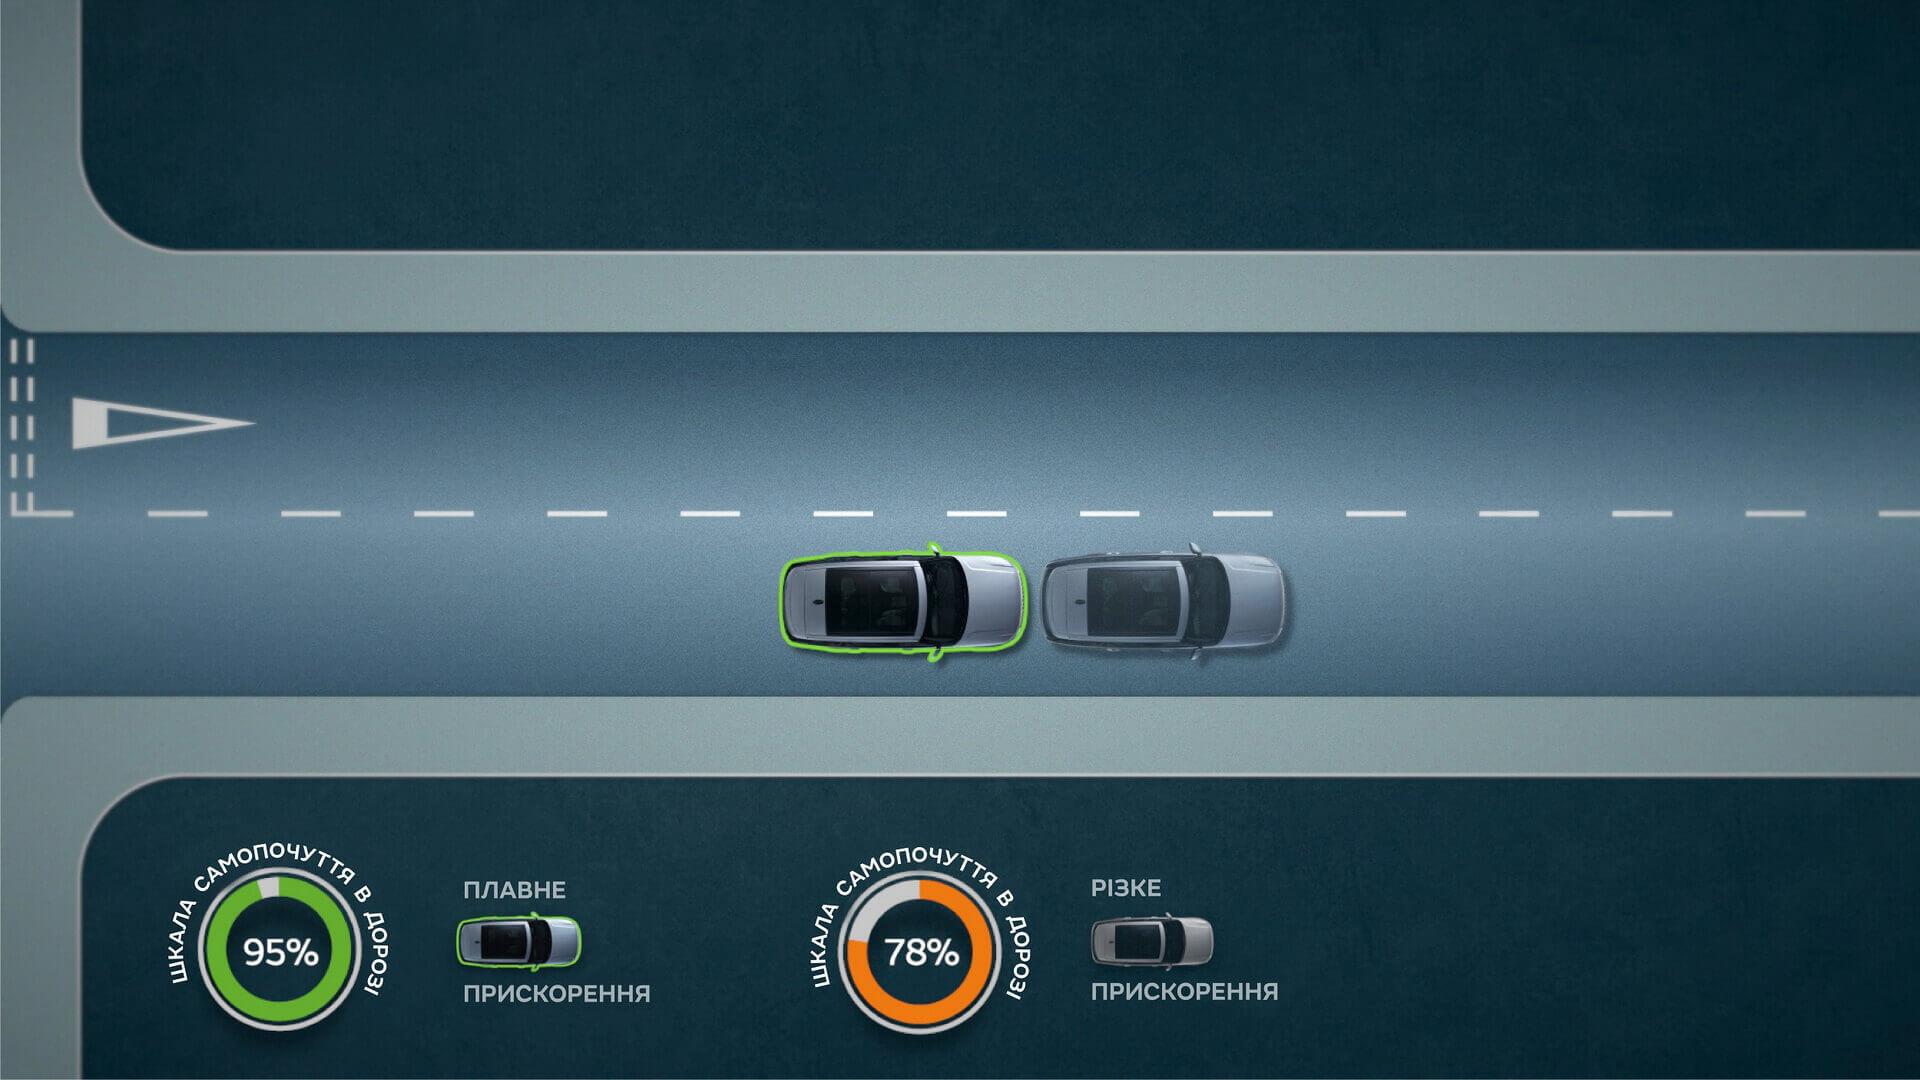 Новые технологии Jaguar Land Rover для автономных автомобилей уменьшат укачивание в дороге